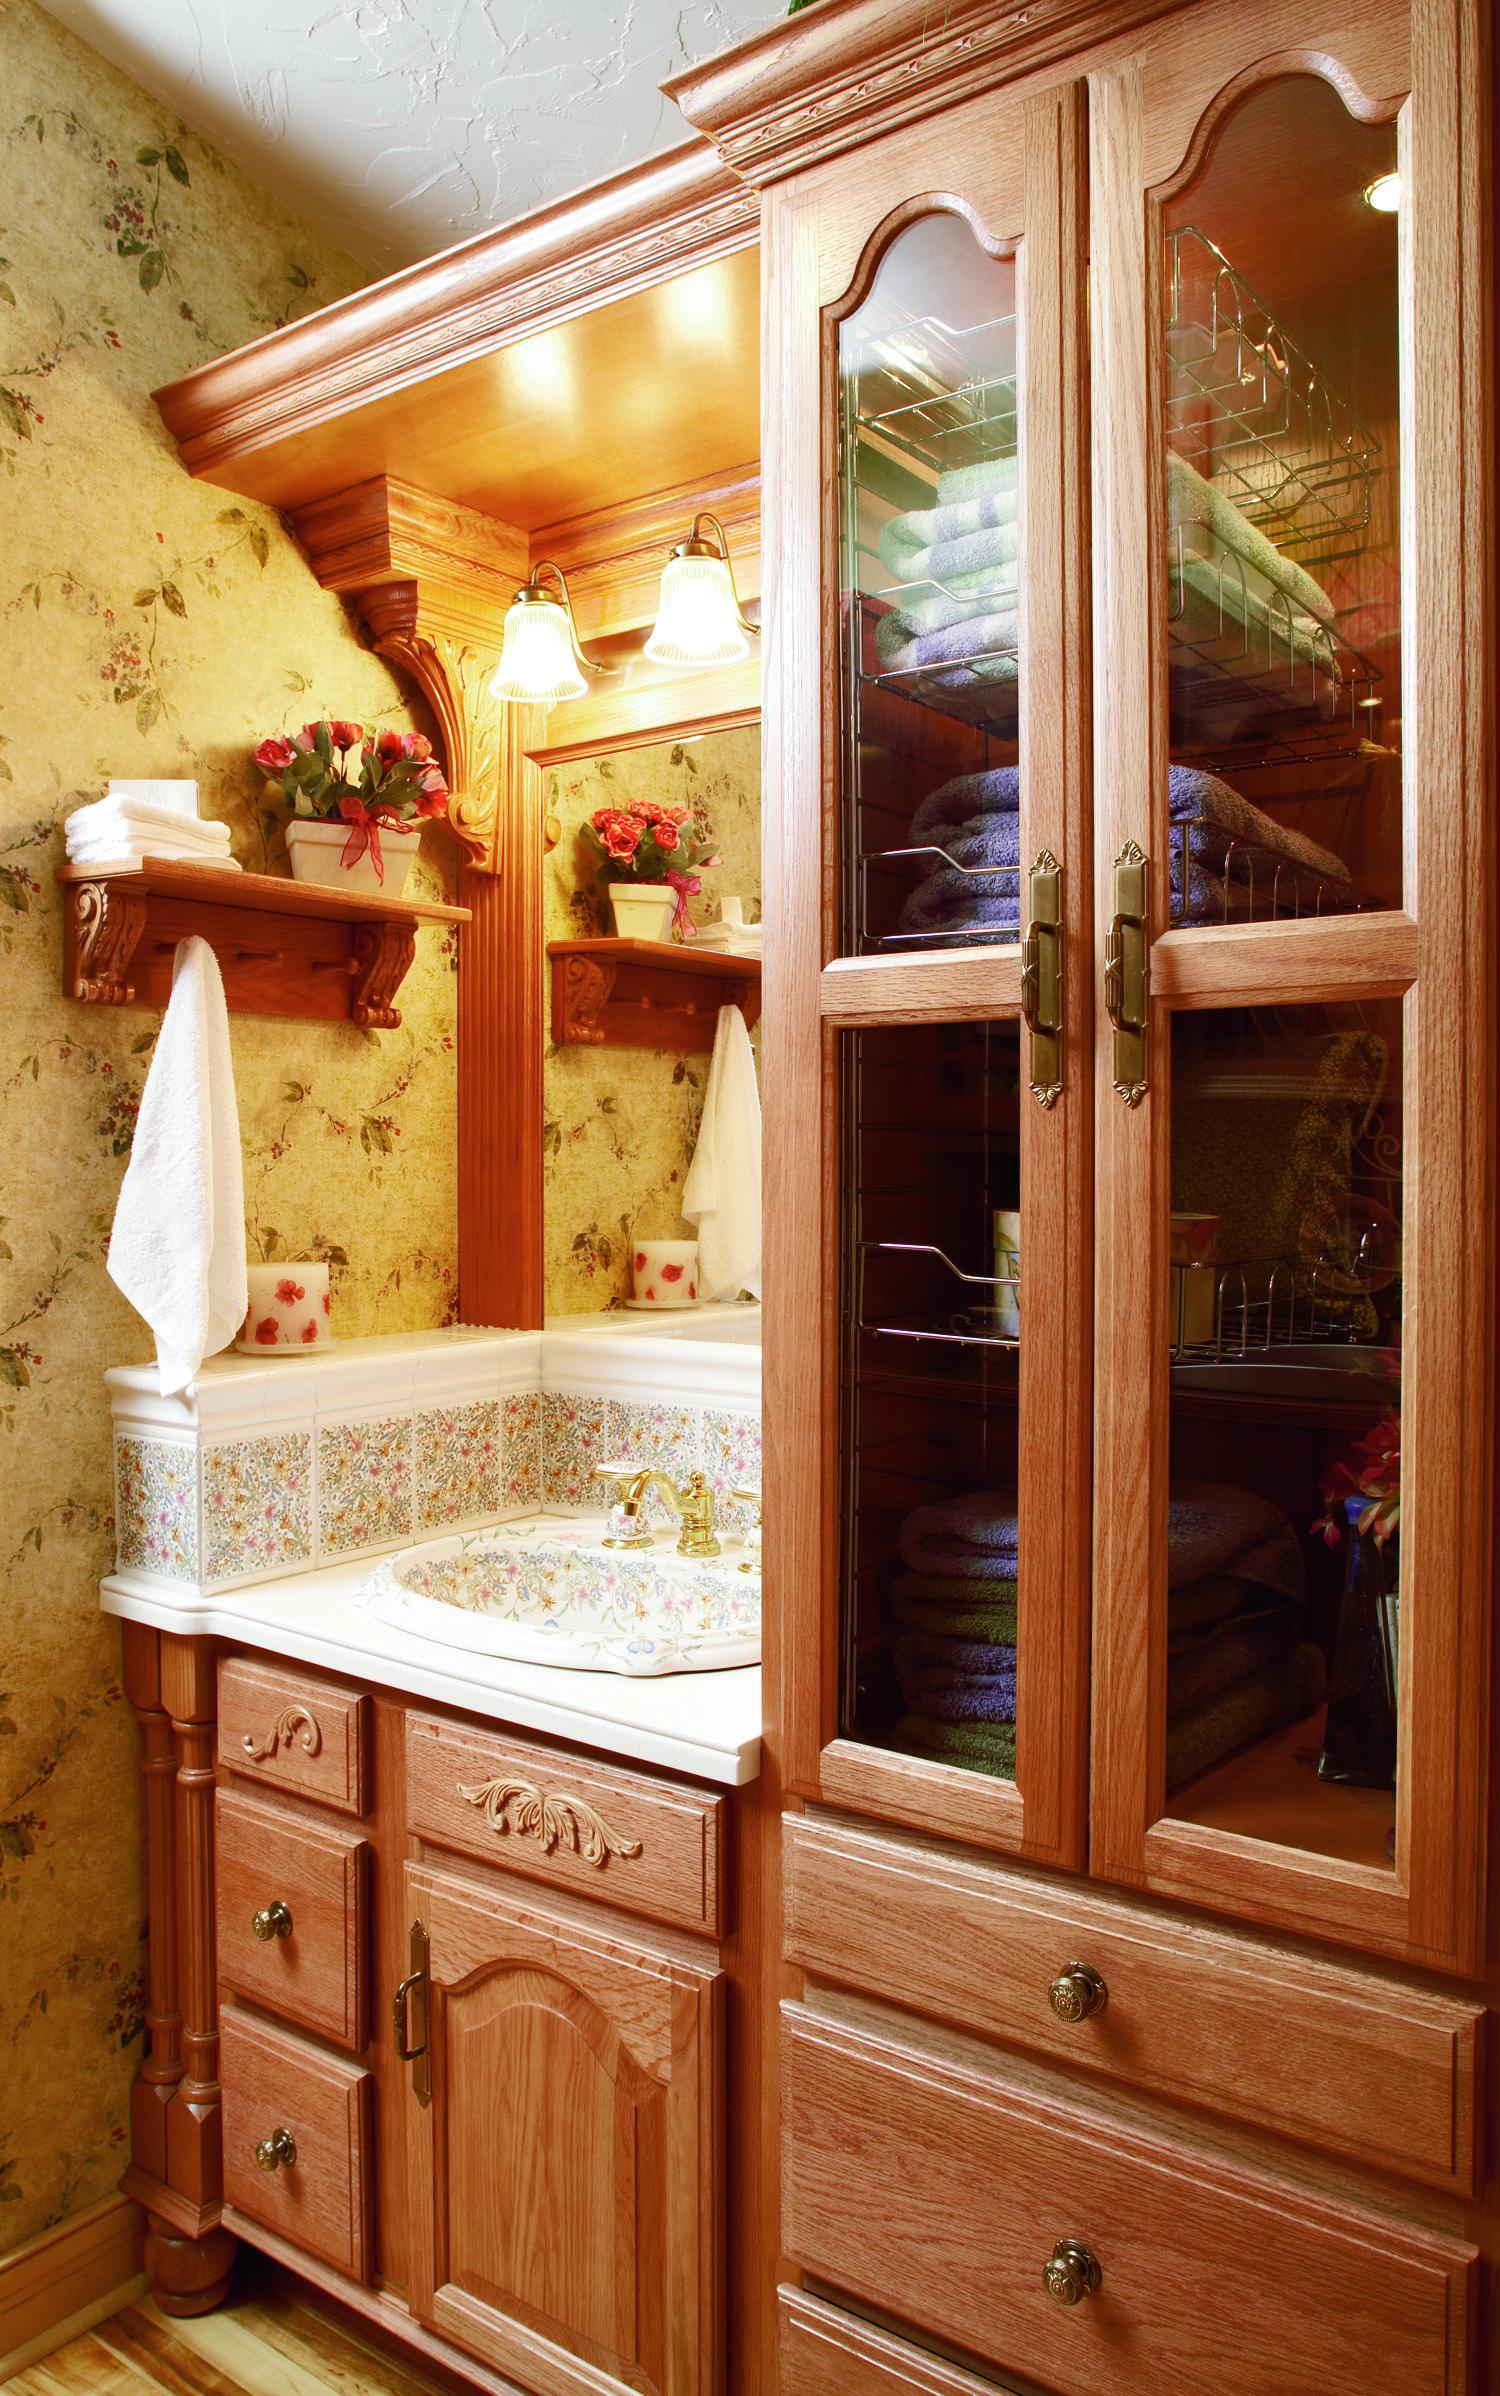 RHC_OAK_LGT Bath.jpg